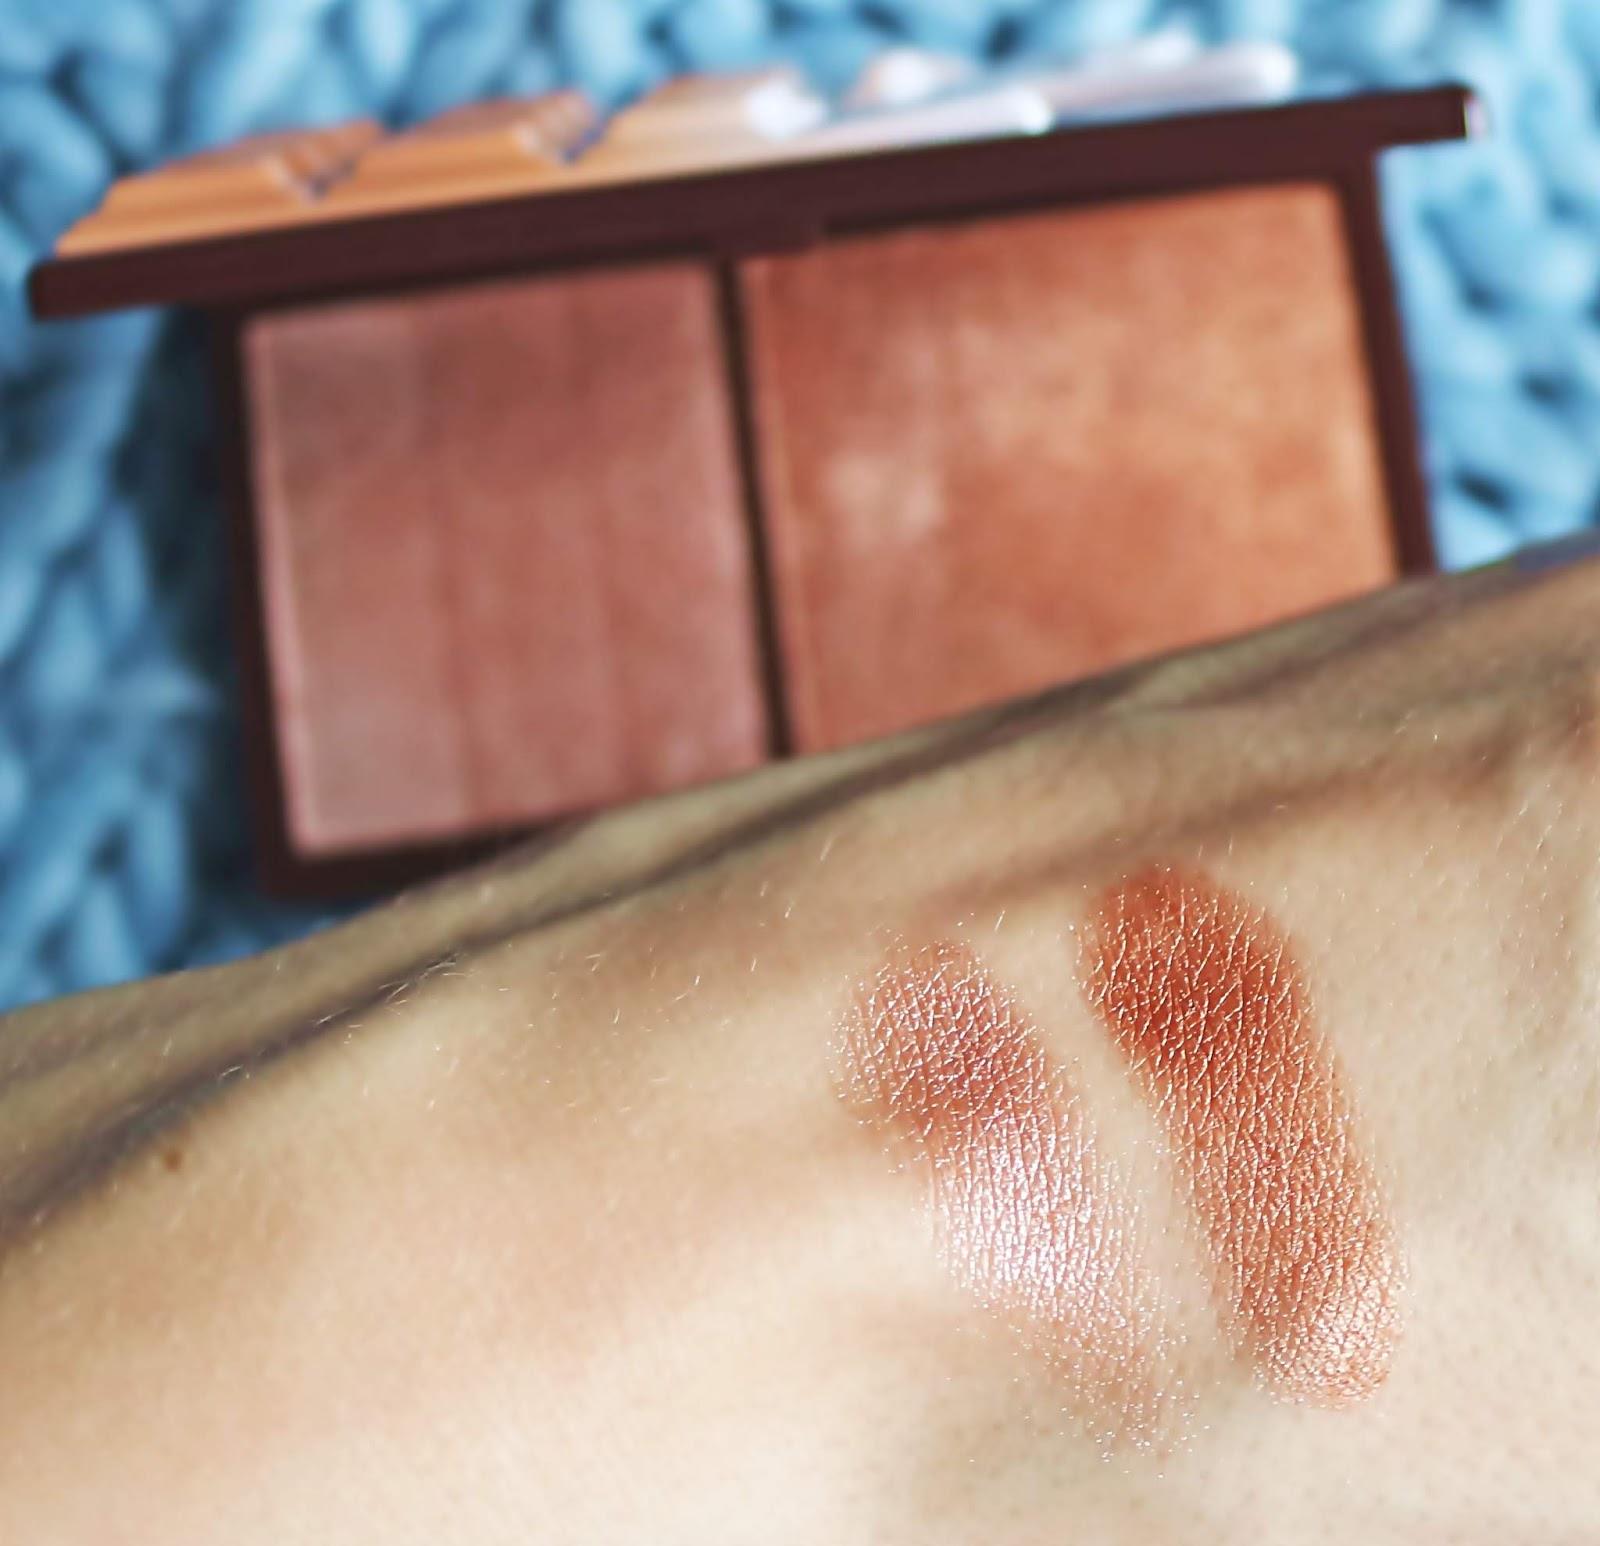 Ostatni haul w tym roku | cz. 2 | Makijaż | Skin79, Bielenda, Maybelline, Makeup Revolution, I Heart Makeup, Golden Rose, Catrice, Wibo, Pierre Rene